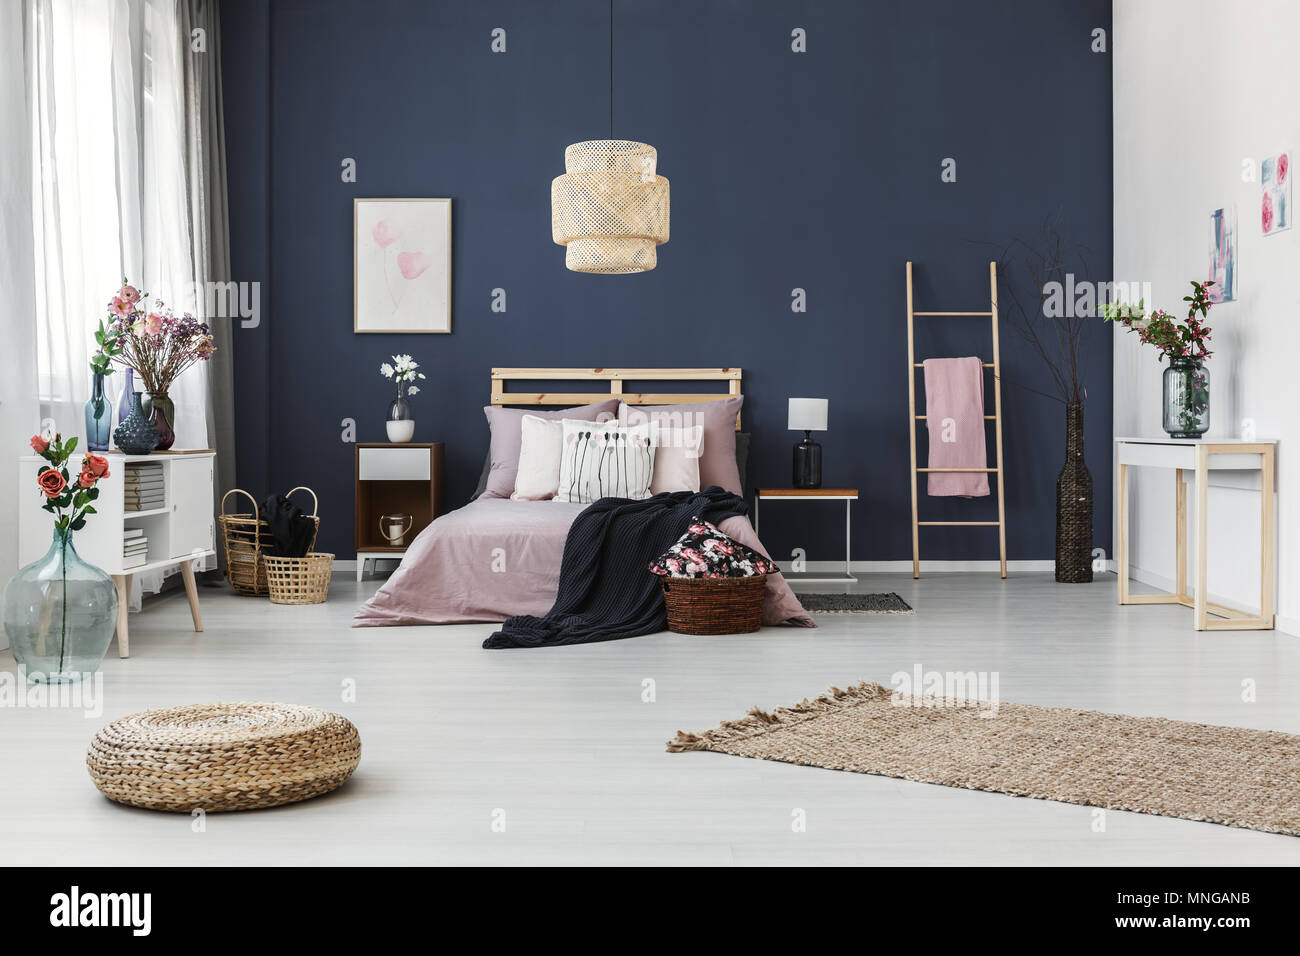 Gemälde hängen an dunkle blaue Wand im gemütlichen Schlafzimmer mit ...